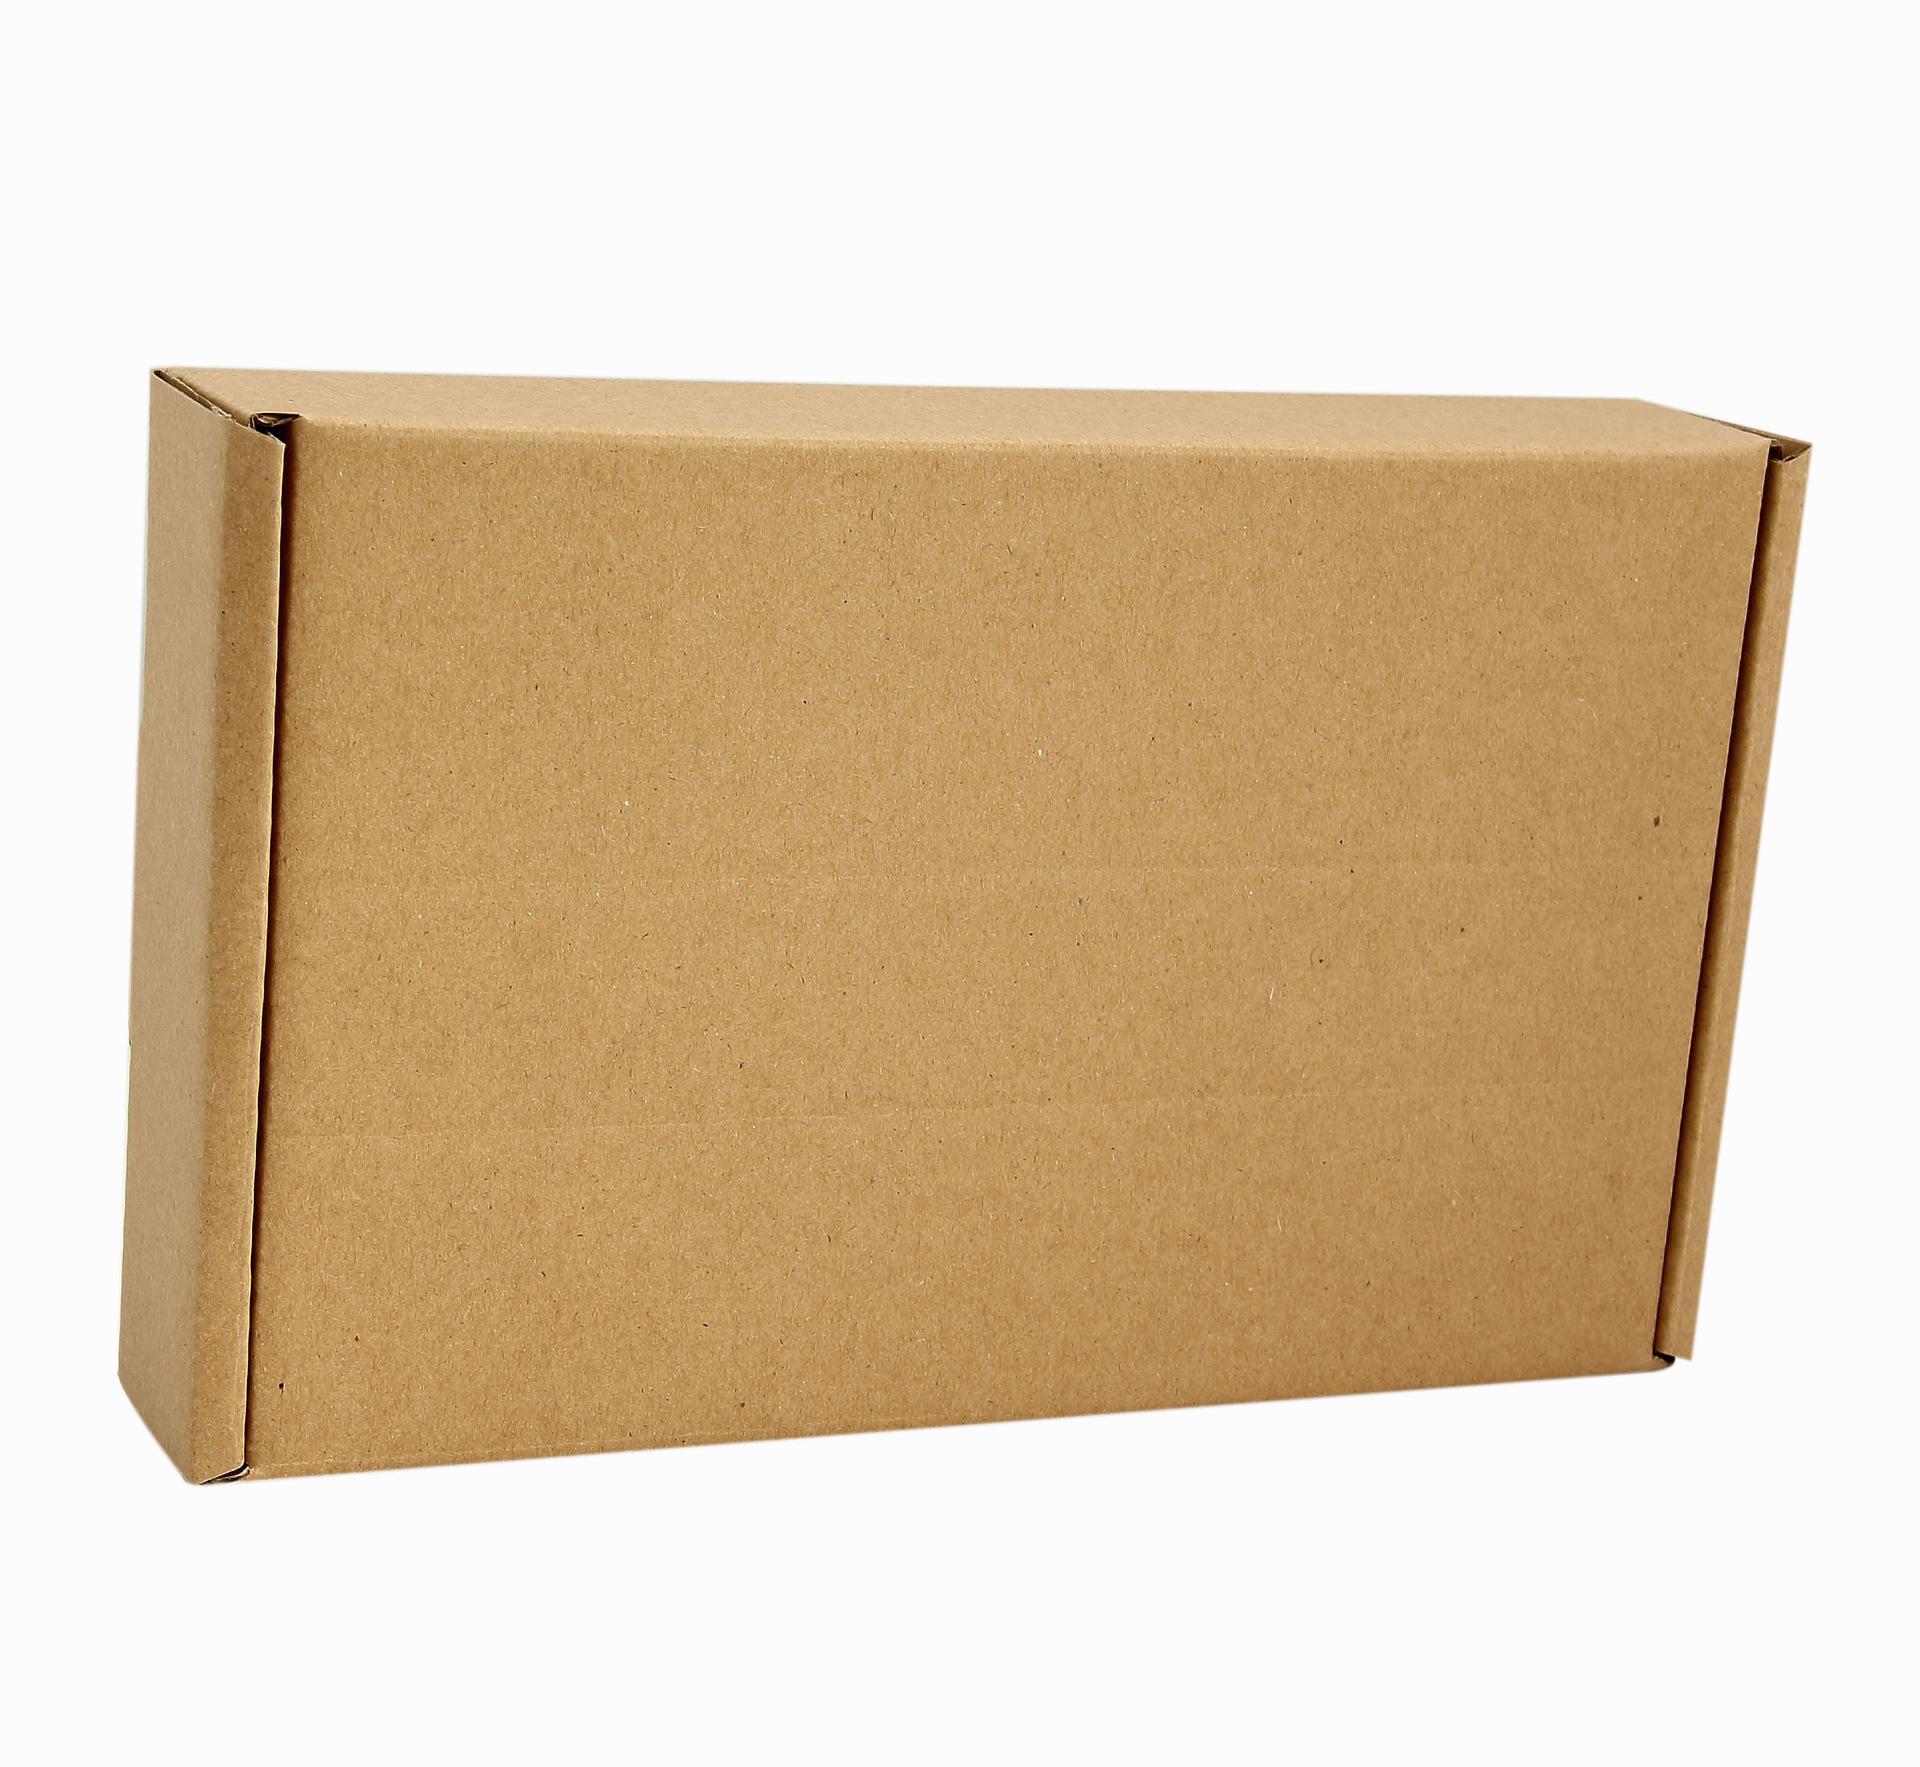 """哈尔滨纸箱厂如何解决彩印瓦楞纸盒覆面""""搓板""""现象"""